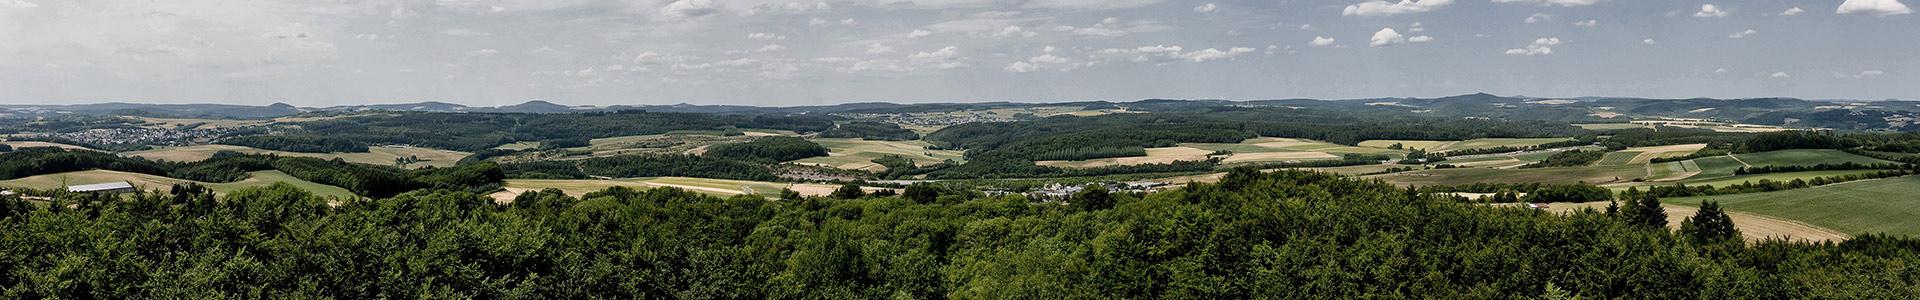 Eifel Panorama